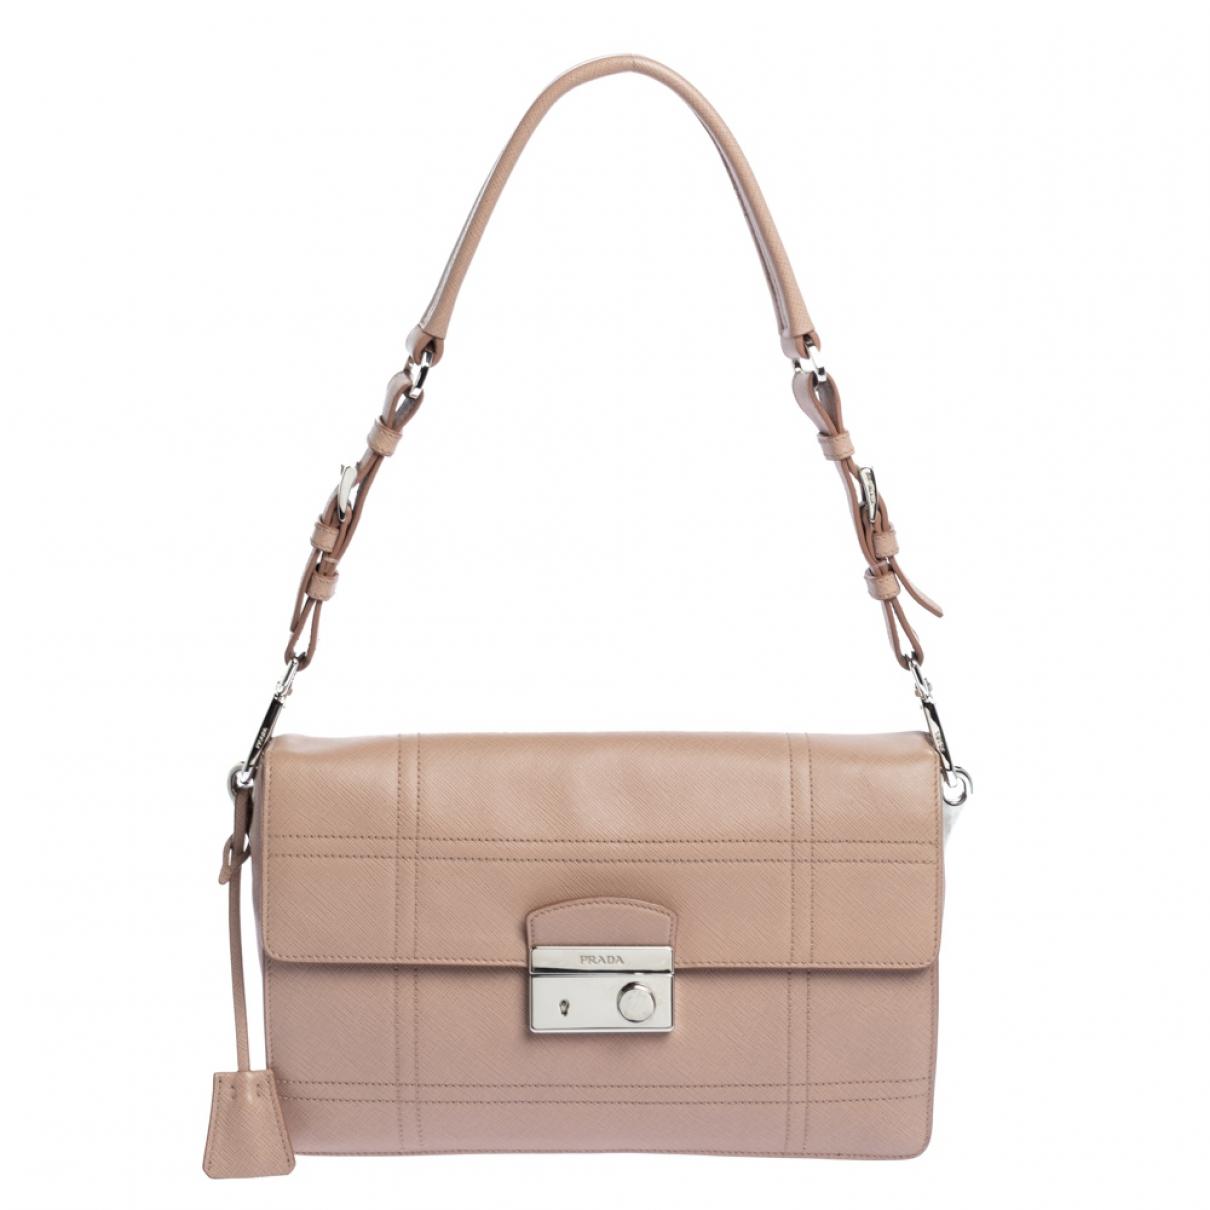 Prada saffiano  Beige Leather handbag for Women N